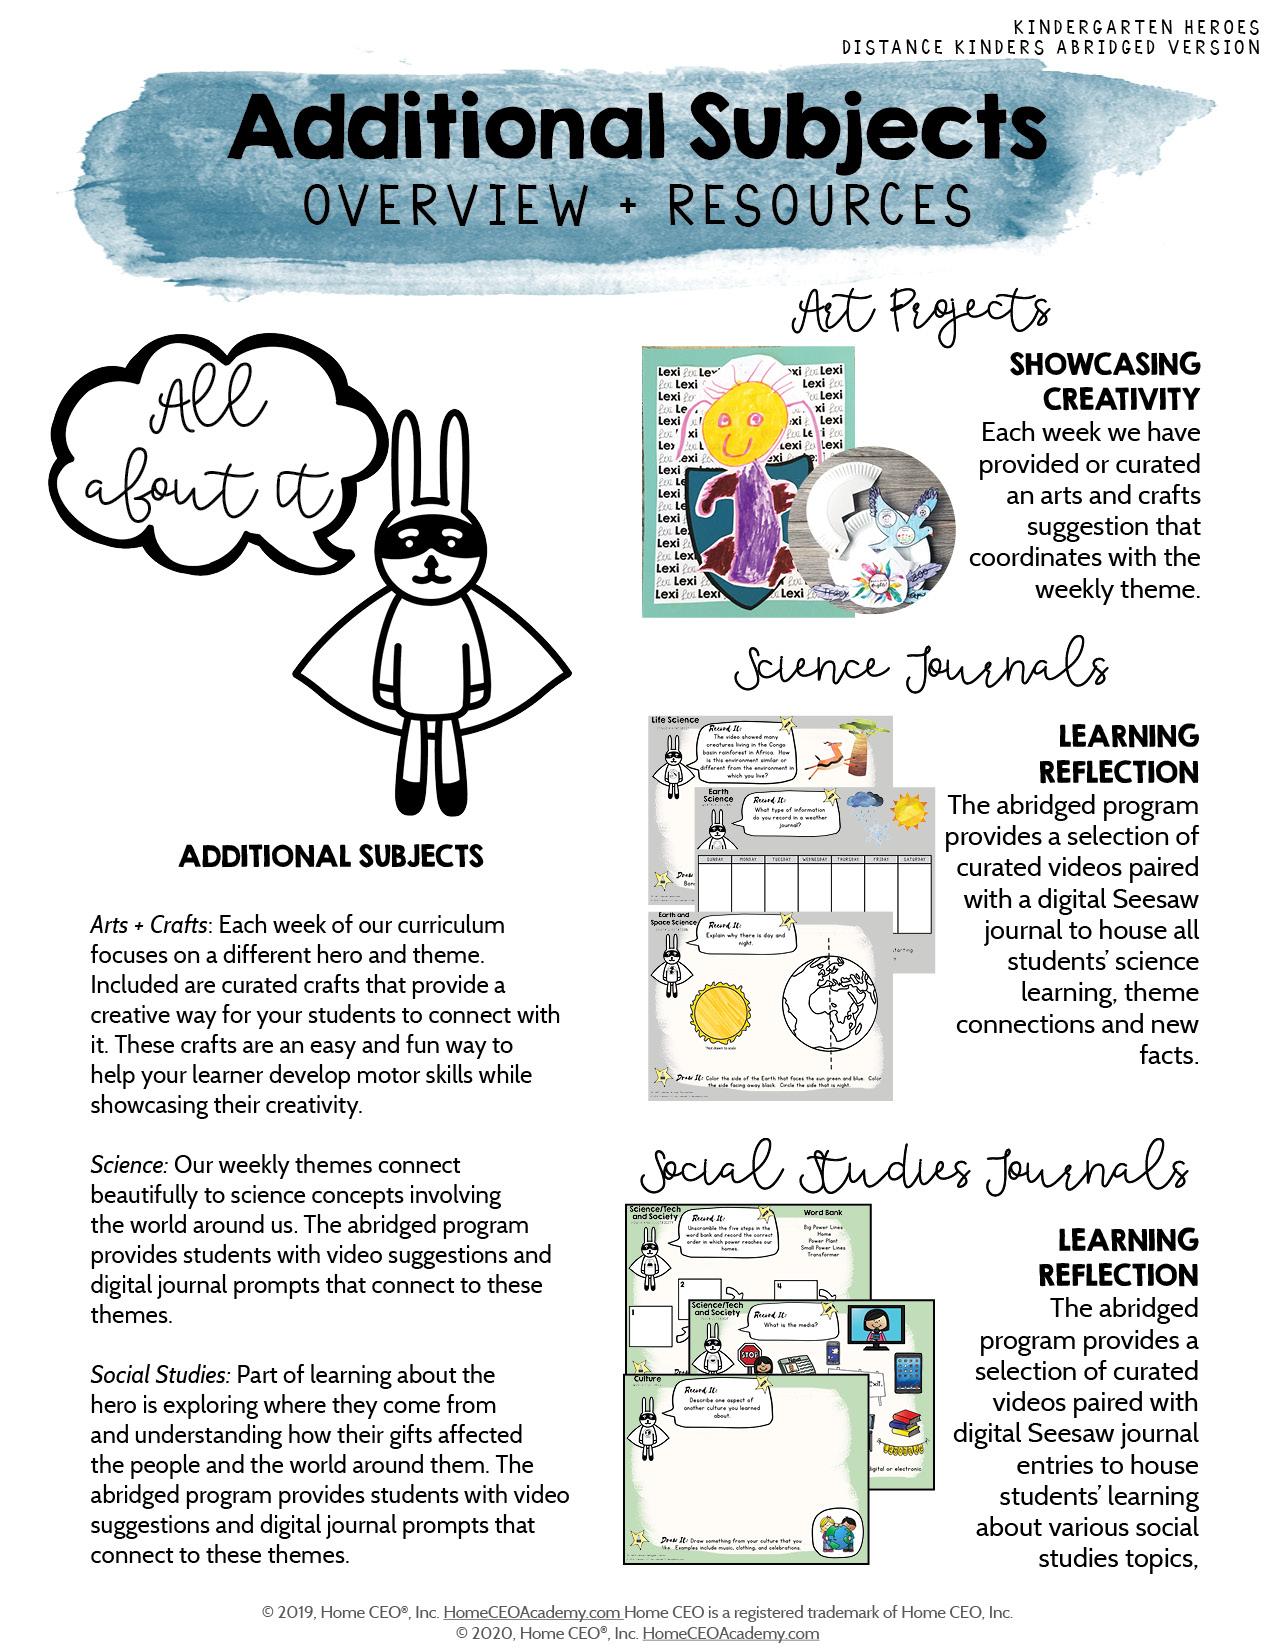 Kindergarten Heroes Curriculum Library